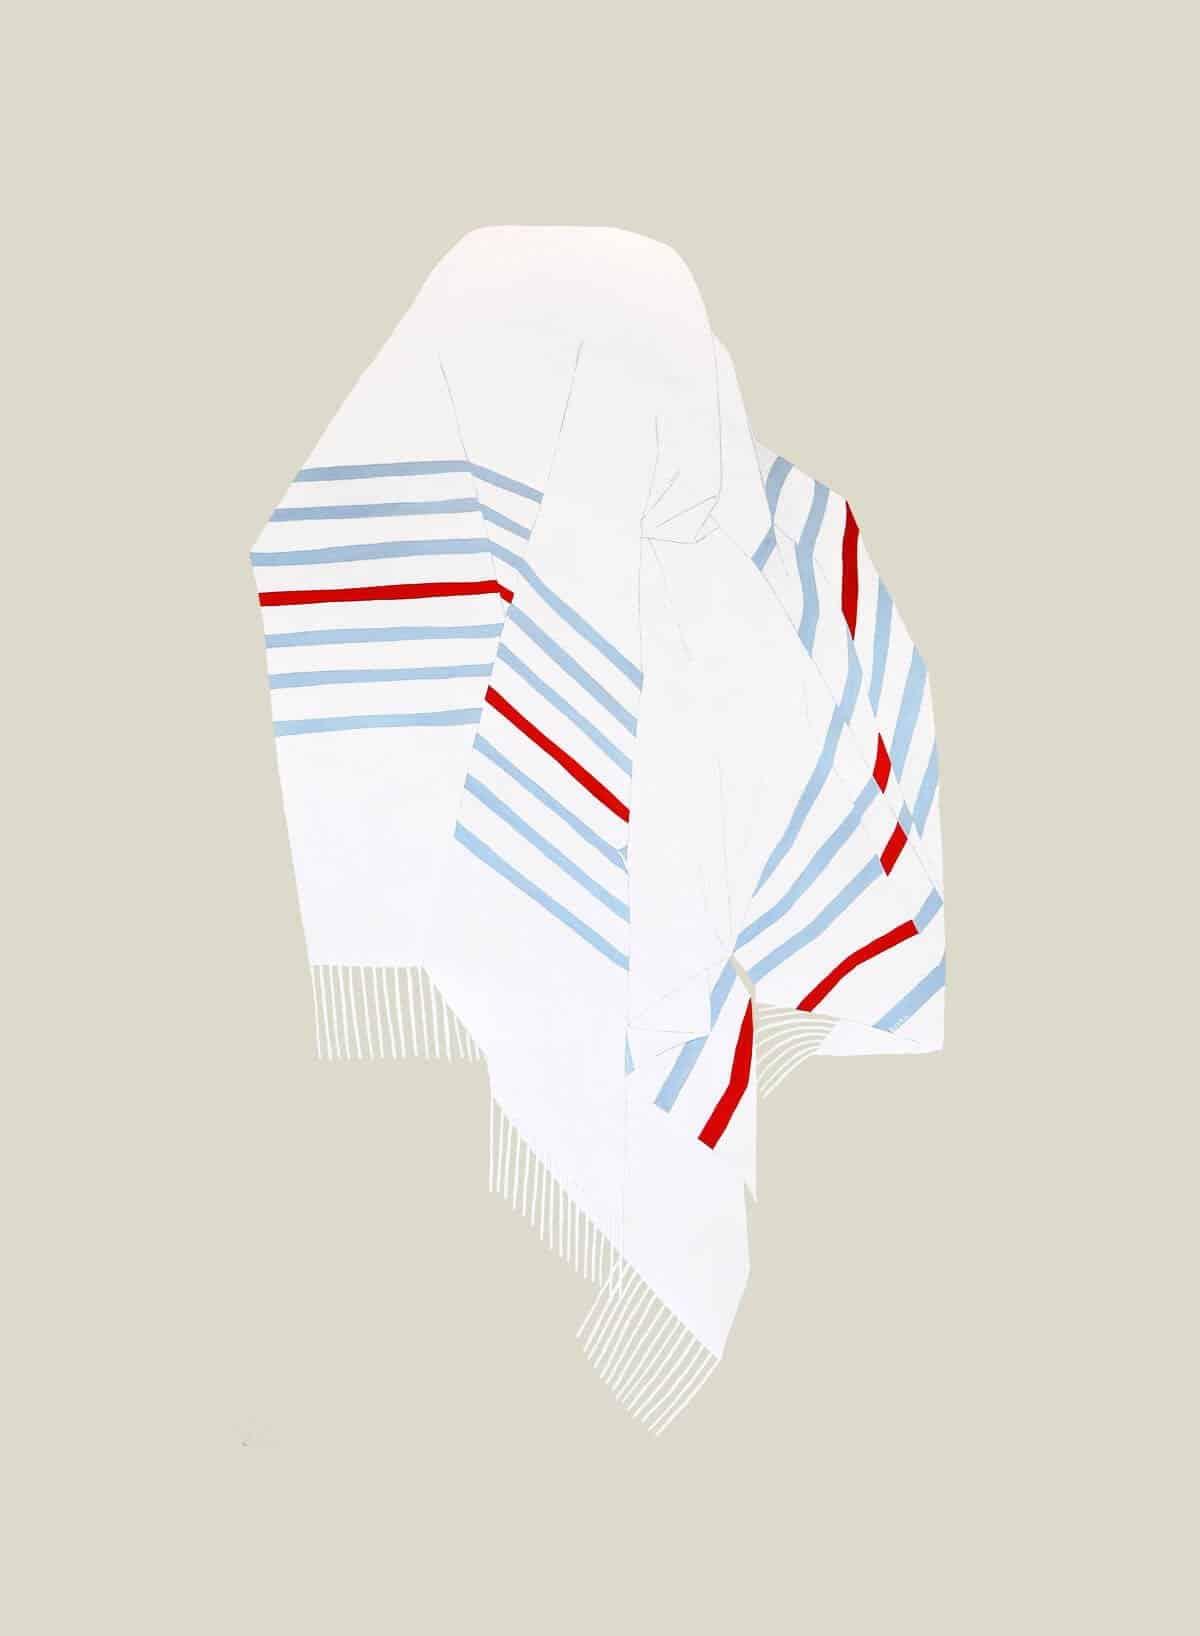 schilderij van een deken